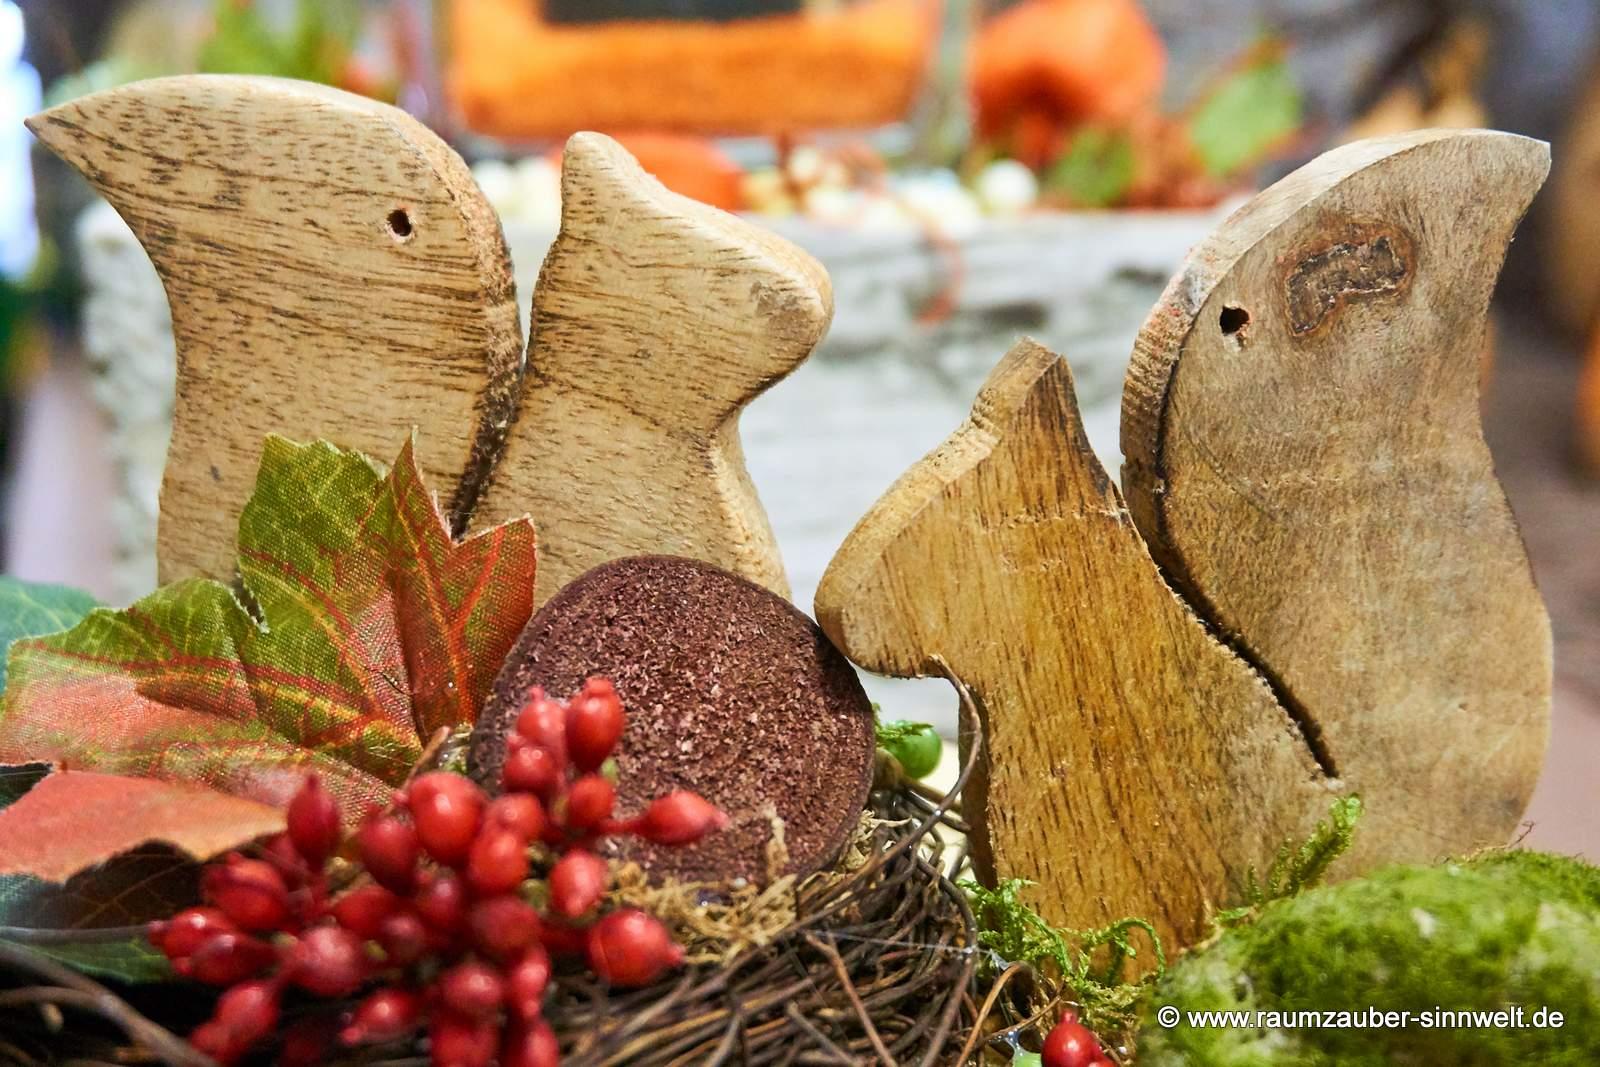 Holz-Eichhörnchen von Leonardo in herbstlicher Dekoration